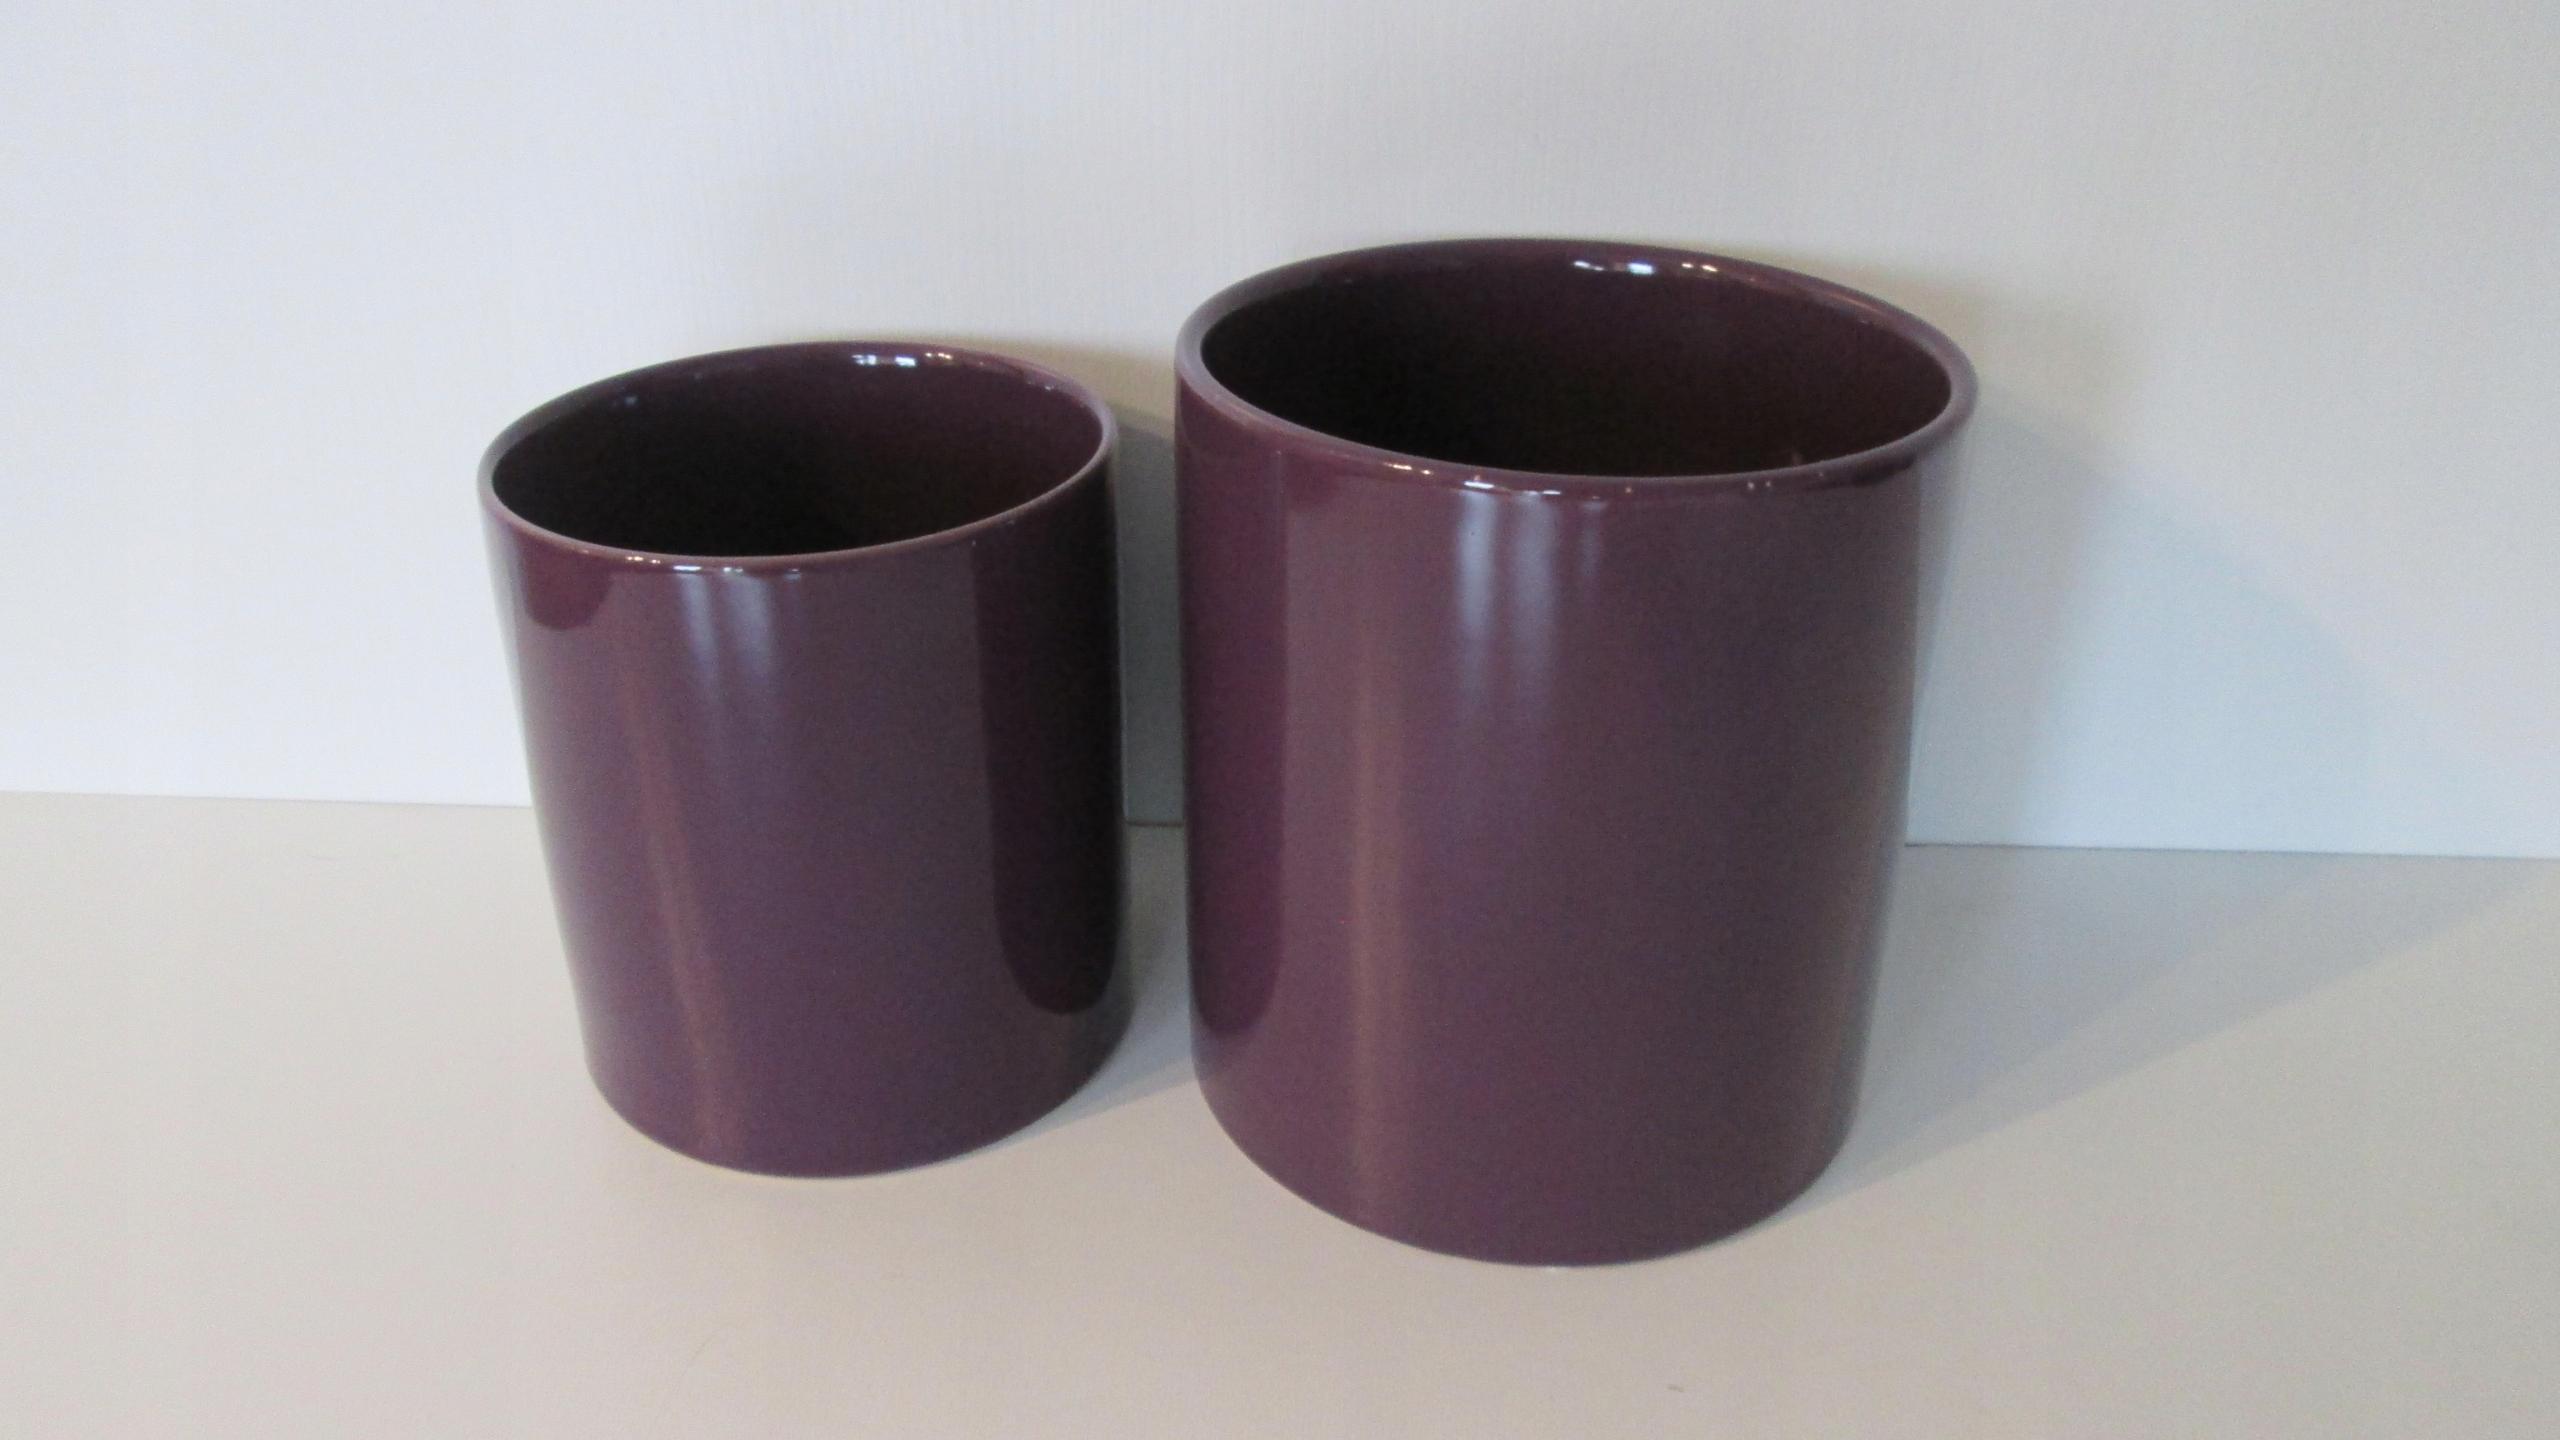 2 Doniczki Ceramiczne Osłonki Fiolet Nowe Brw